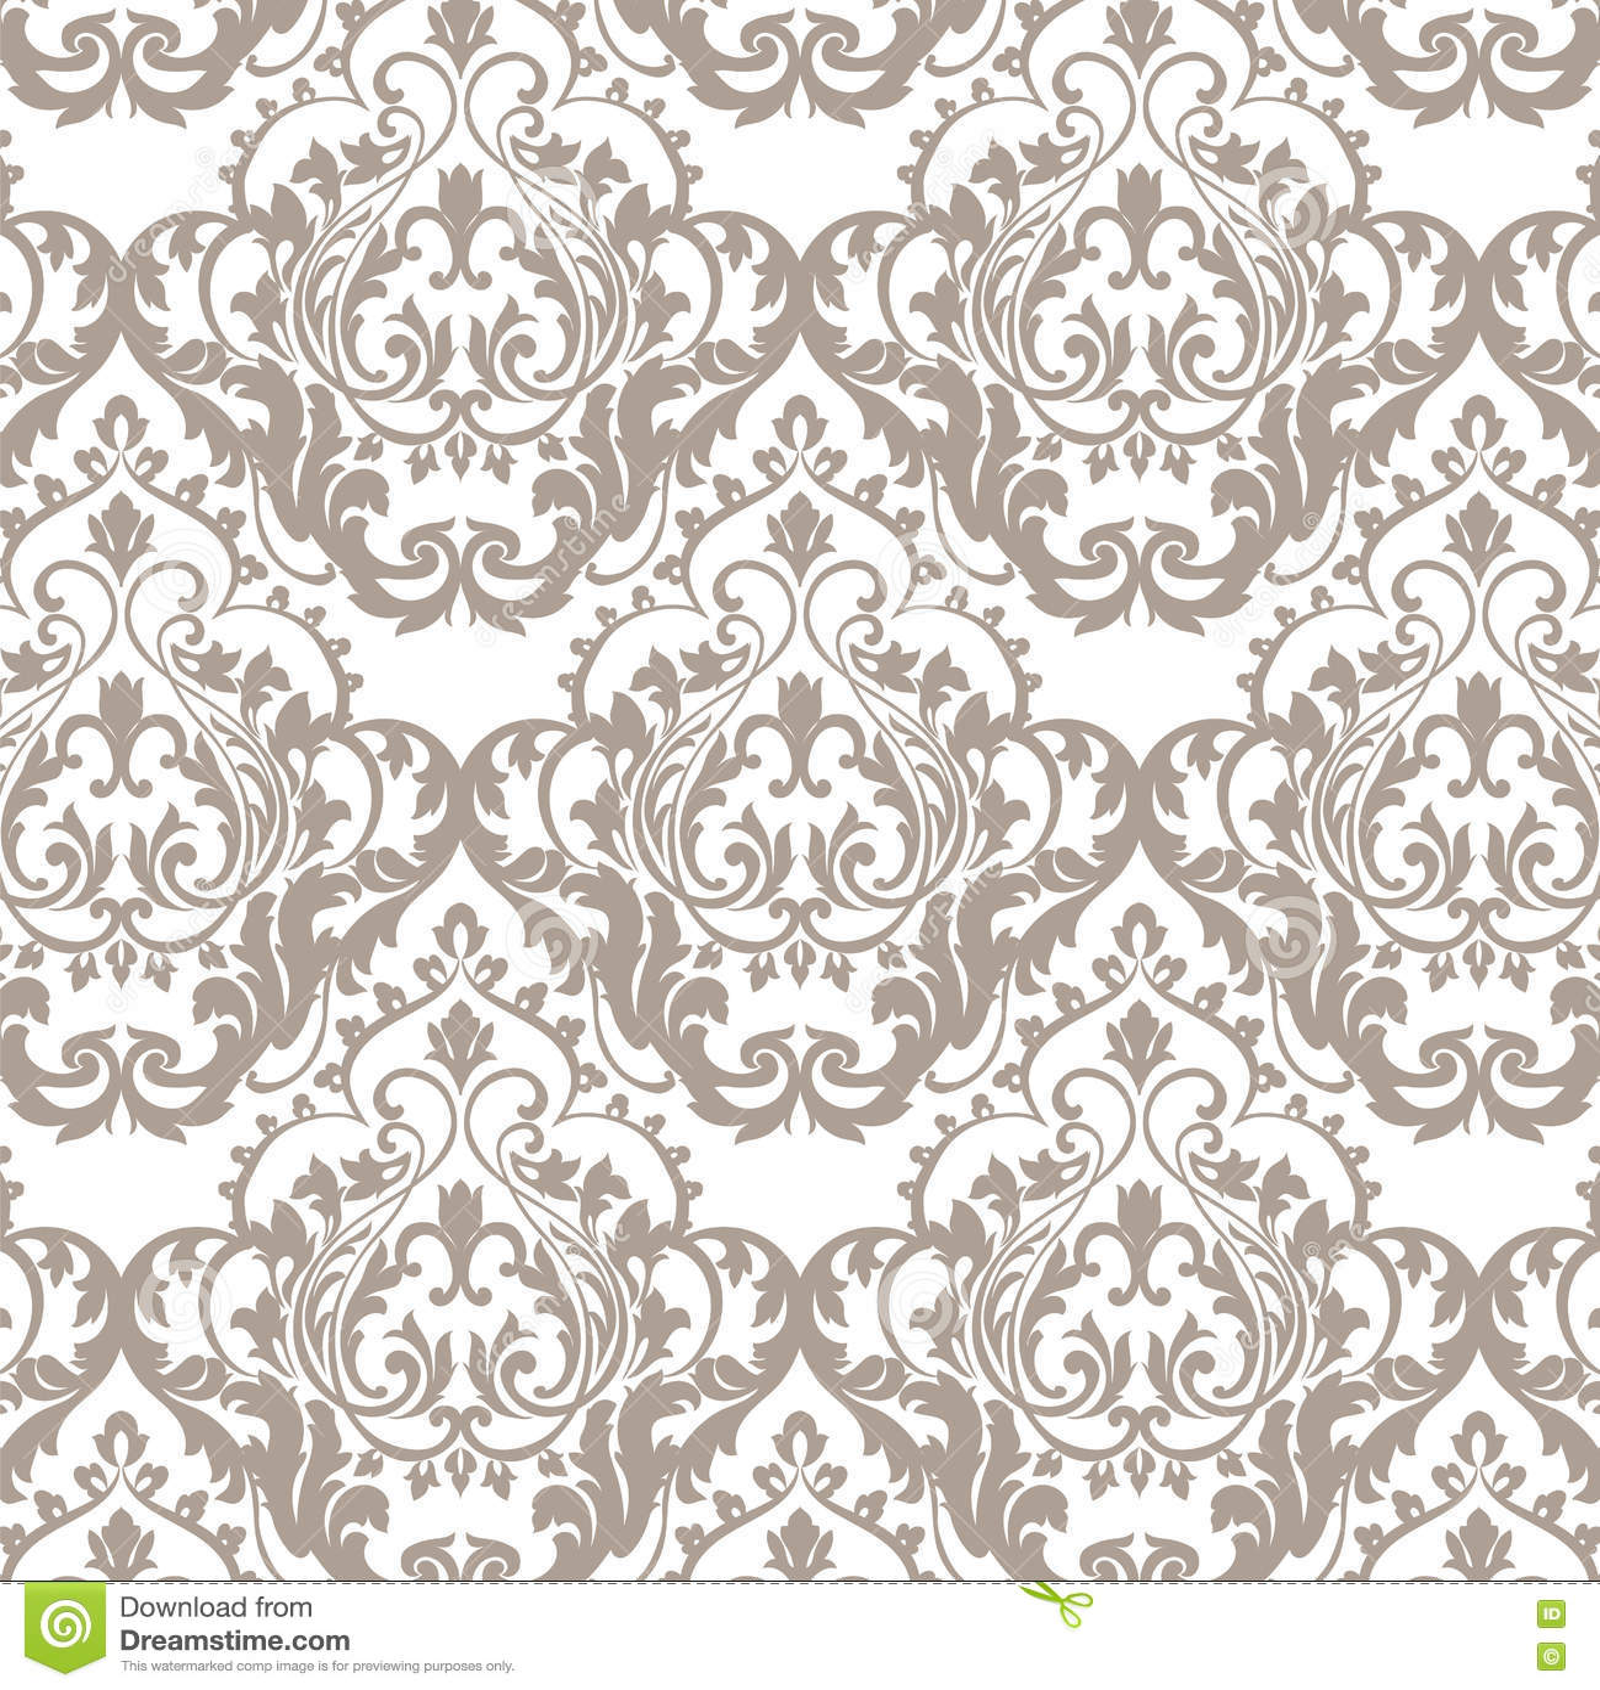 rococo motif vintage floral - photo #7